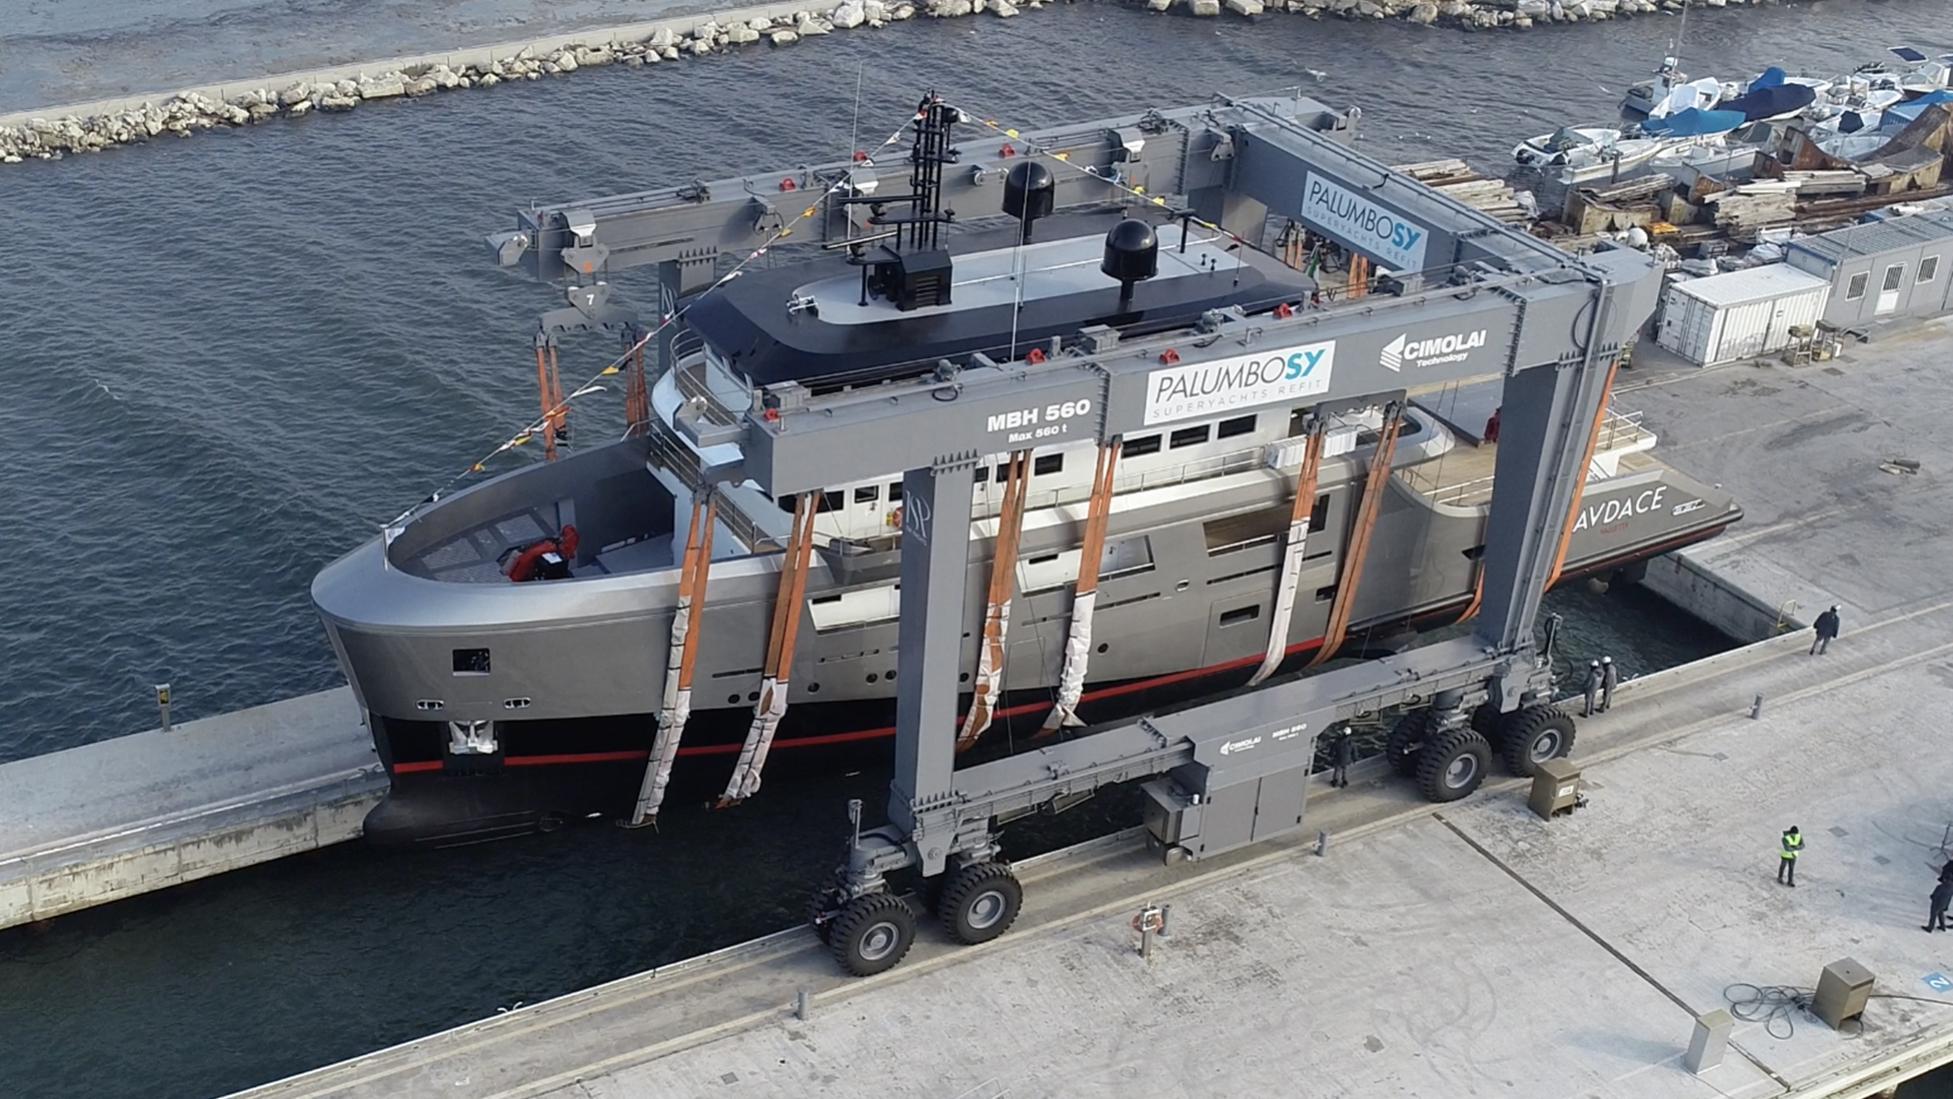 audace k42 motoryacht cantiere delle marche 42m 2019 launch half profile